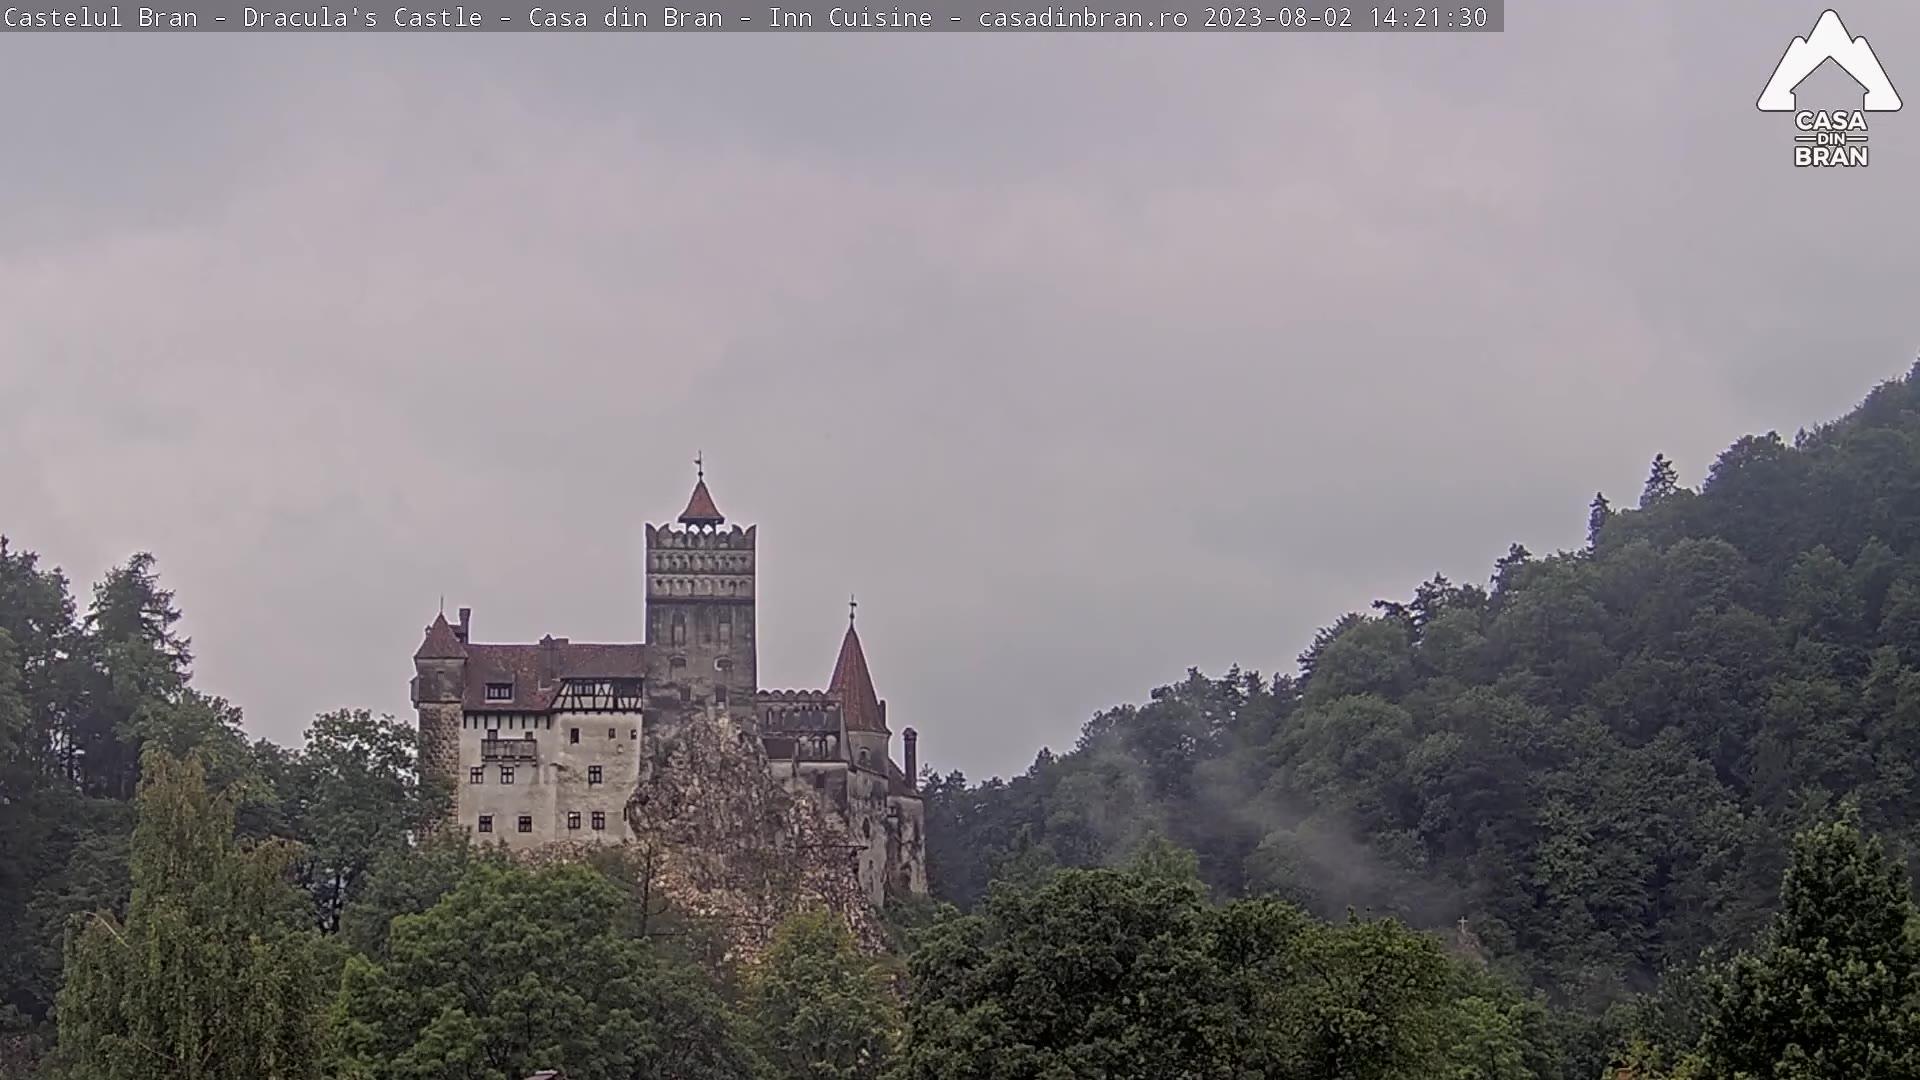 Live Castelul Bran